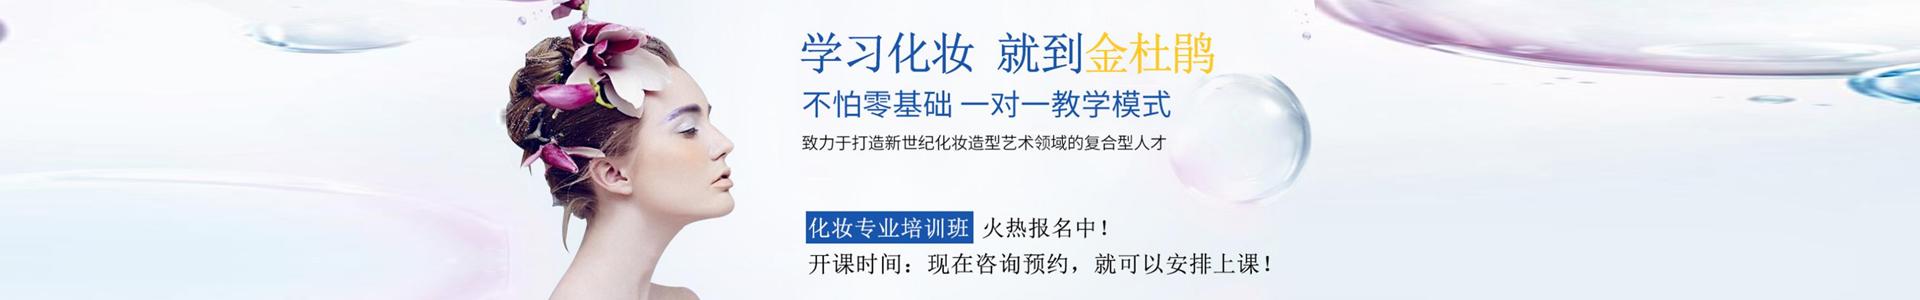 廣州金杜鵑化妝美容培訓學校